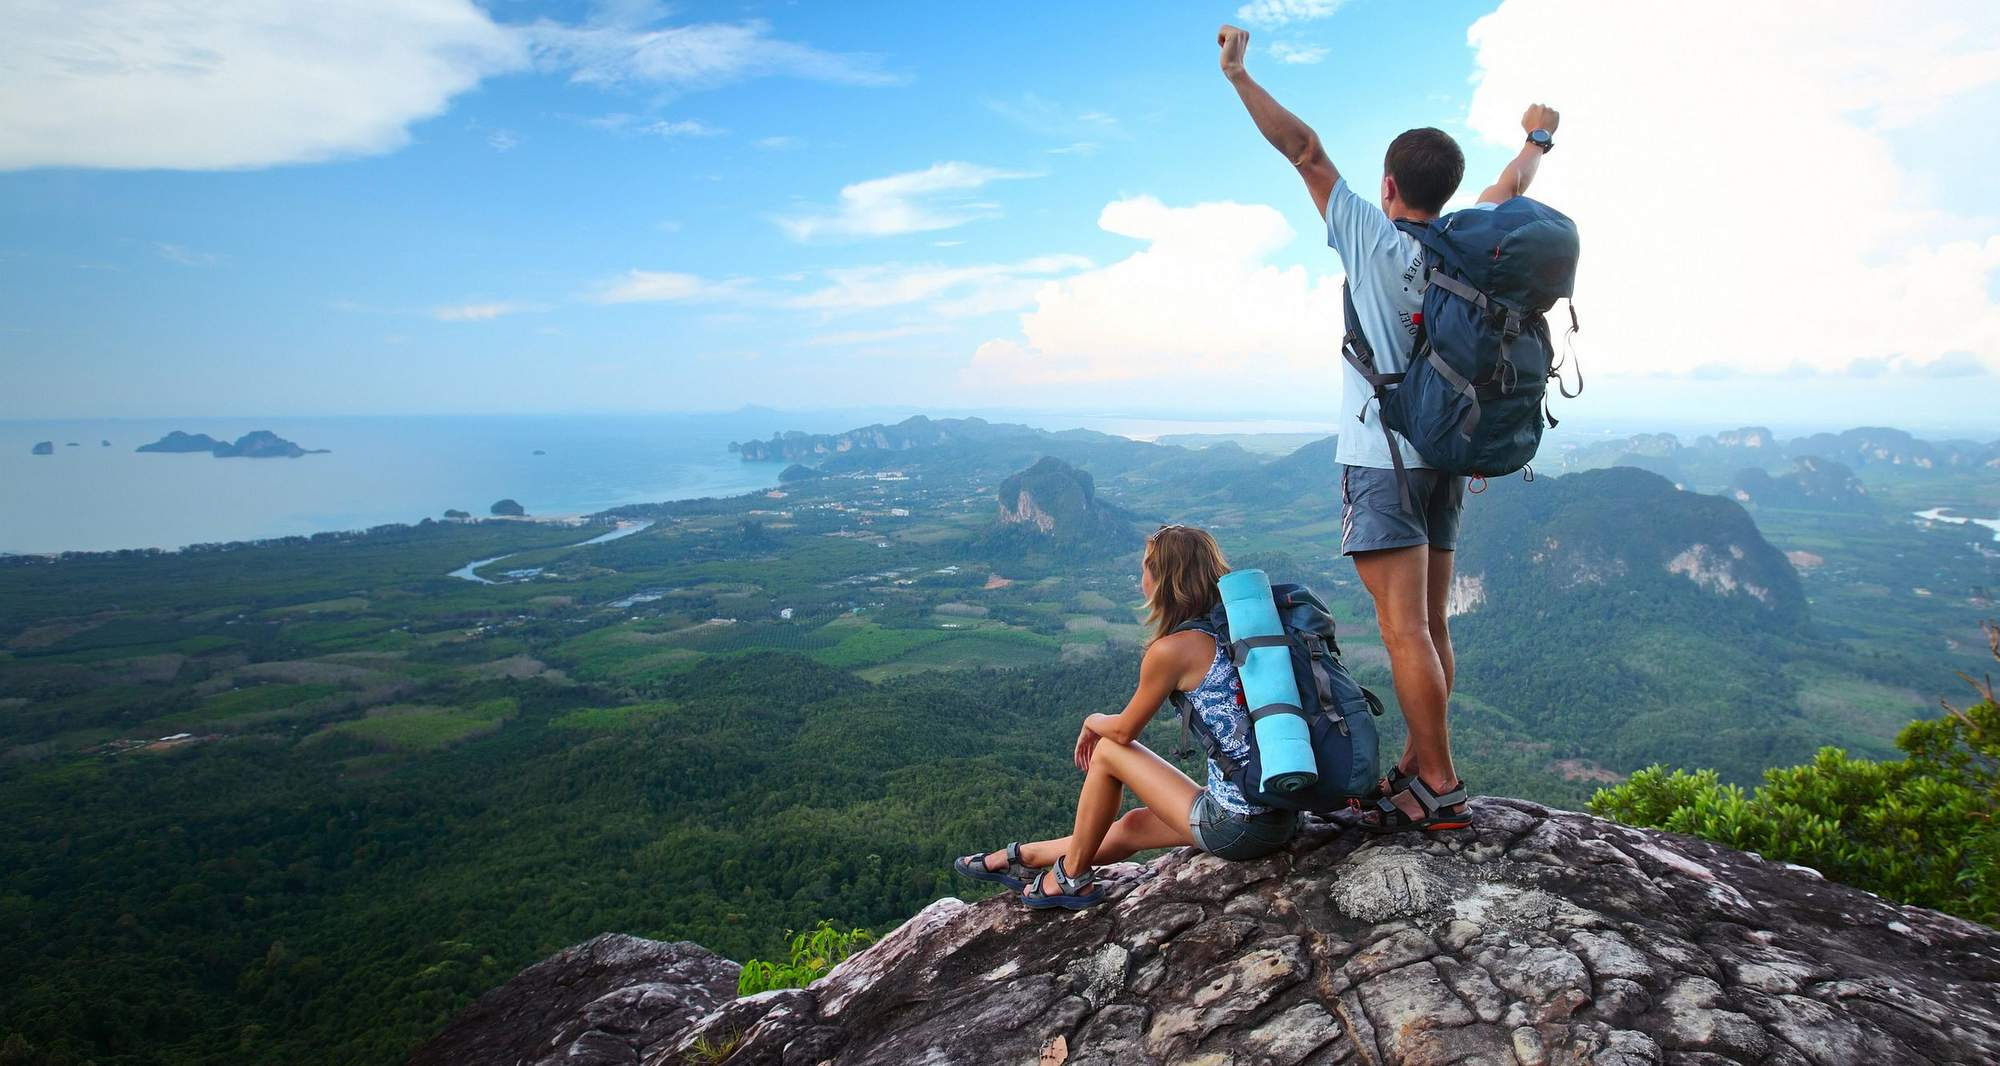 Ubezpieczenia Turystyczne to szeroki zakres ochrony podczas podróży zagranicznej, krajowej oraz pozostawionego mienia.